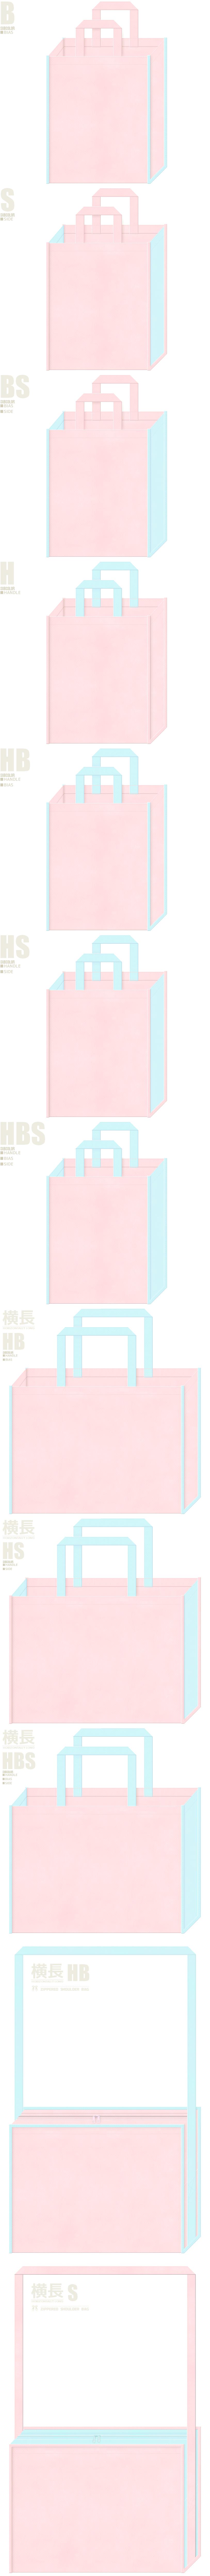 パステルカラー・桜・お花見・ファンシー・プリティ・お姫様・人魚・マカロン・ガーリー・フェミニン・石鹸・入浴剤・バス用品の展示会用バッグにお奨めの不織布バッグデザイン:桜色と水色の配色7パターン。